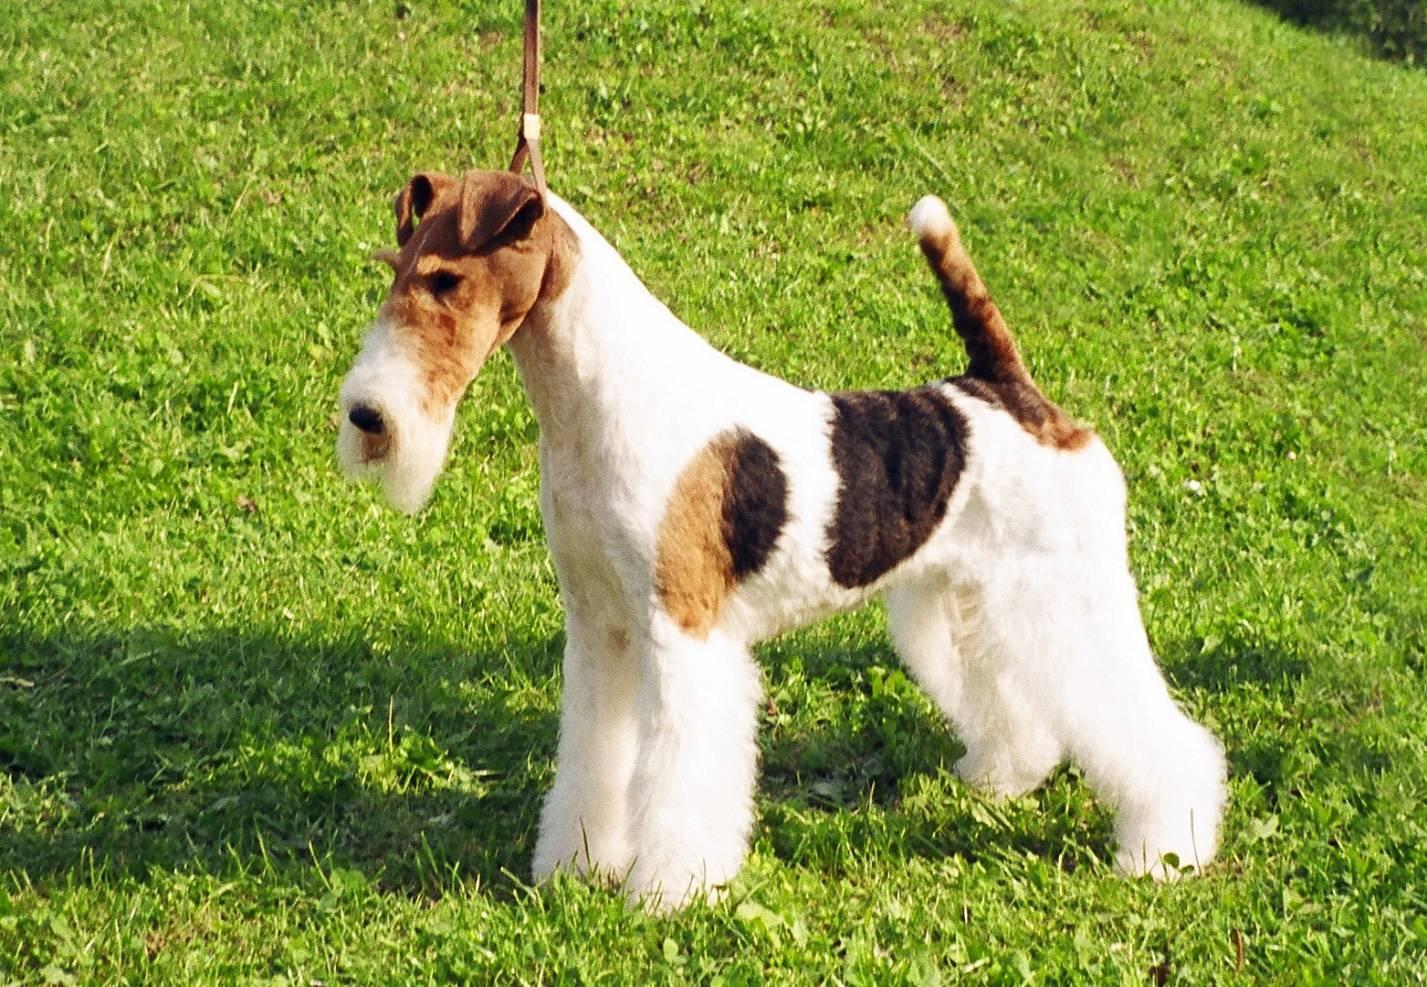 Гладкошерстный фокстерьер: фото и описание породы собак гладкошерстный фокстерьер: фото и описание породы собак